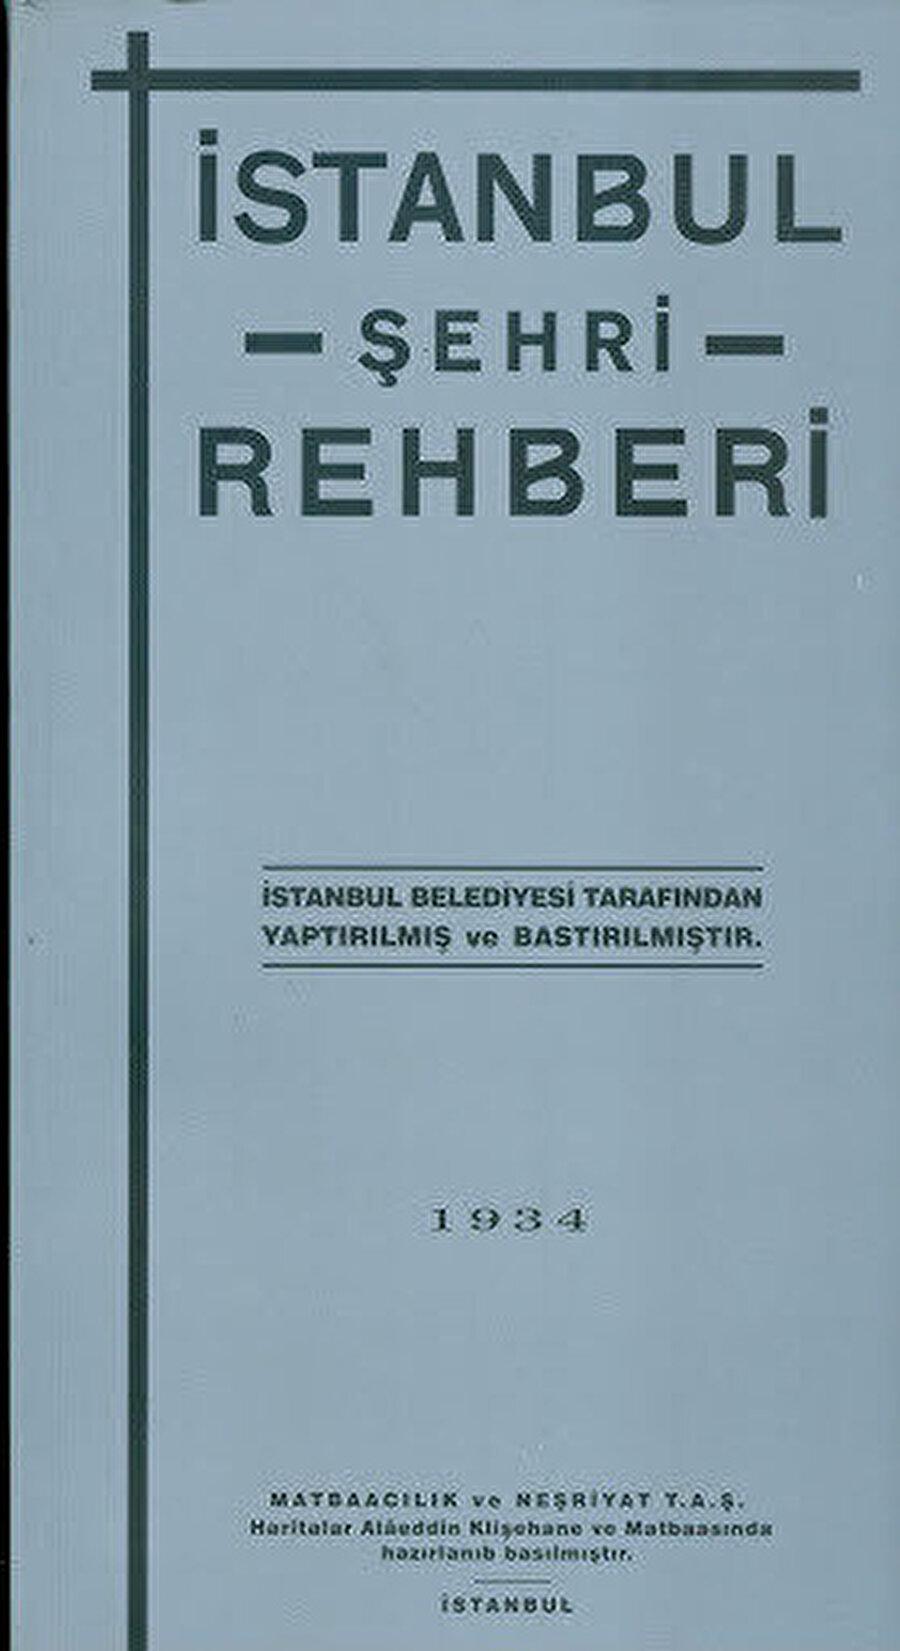 Tüm bu paha biçilemez işlerden sonra, bugün de aşılamamış eserini yazar: 1934 İstanbul Şehir Rehberi.